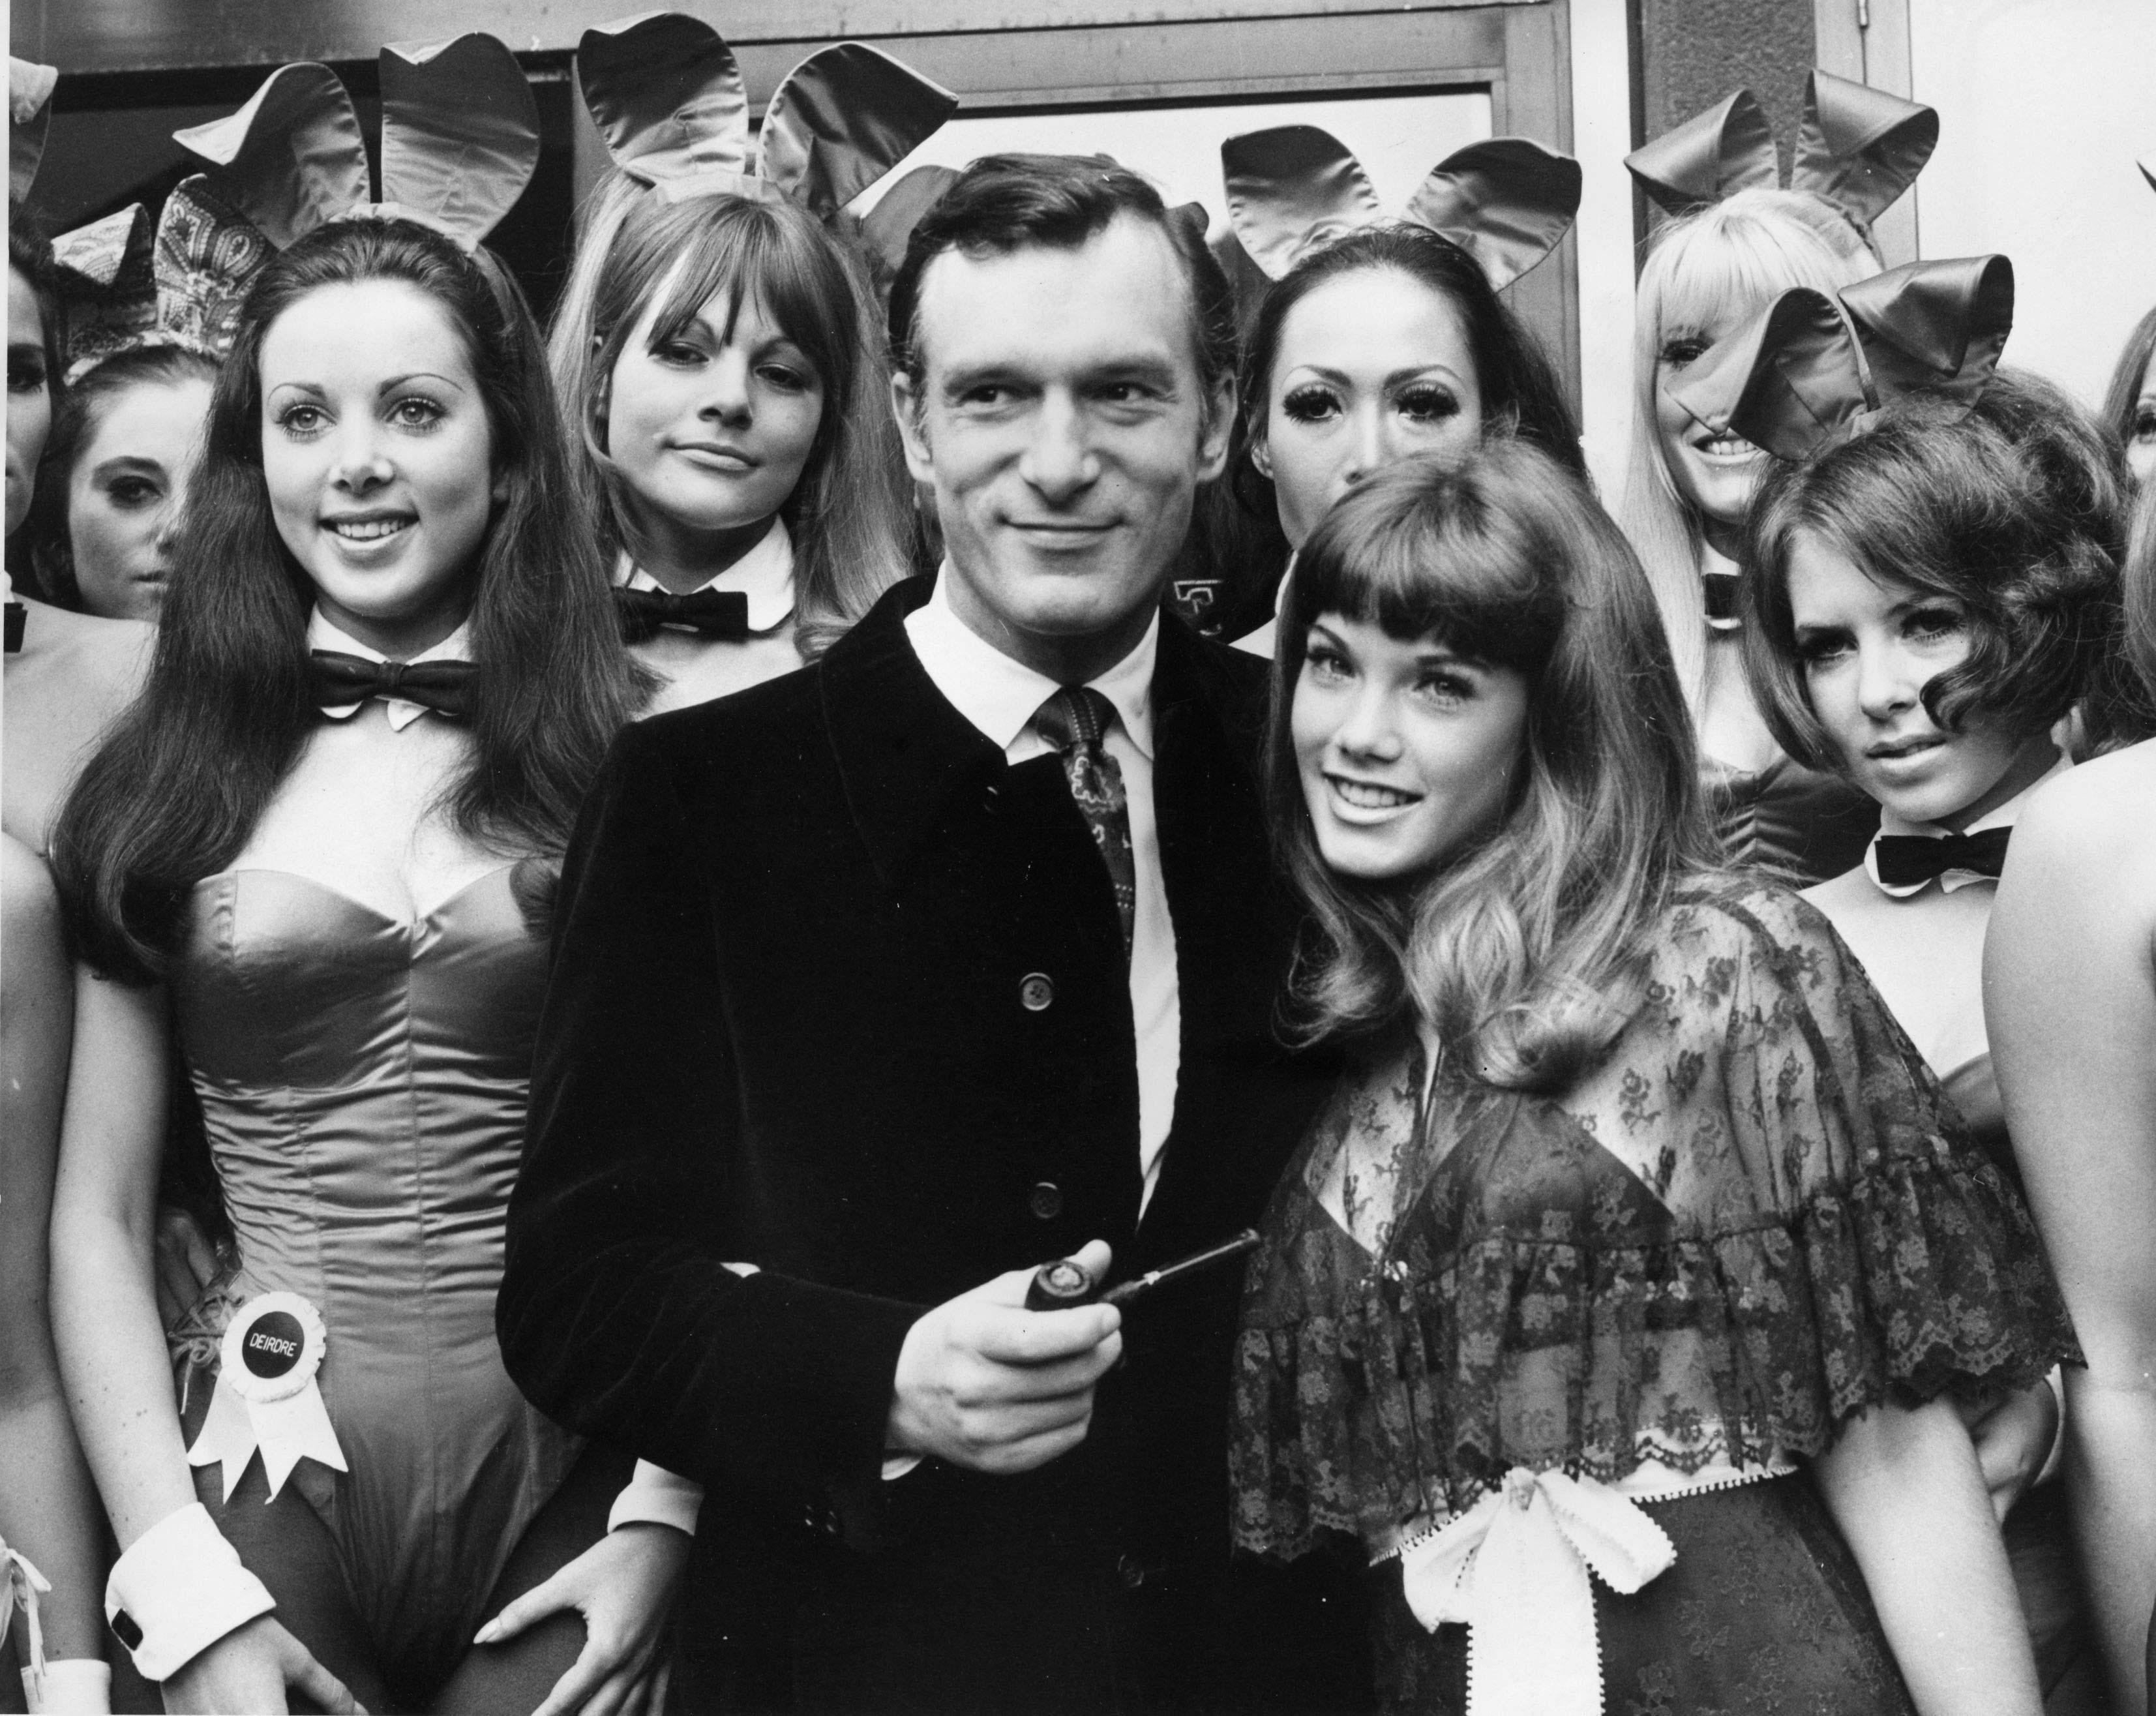 Hugh Hefner at London Playboy Club in 1969